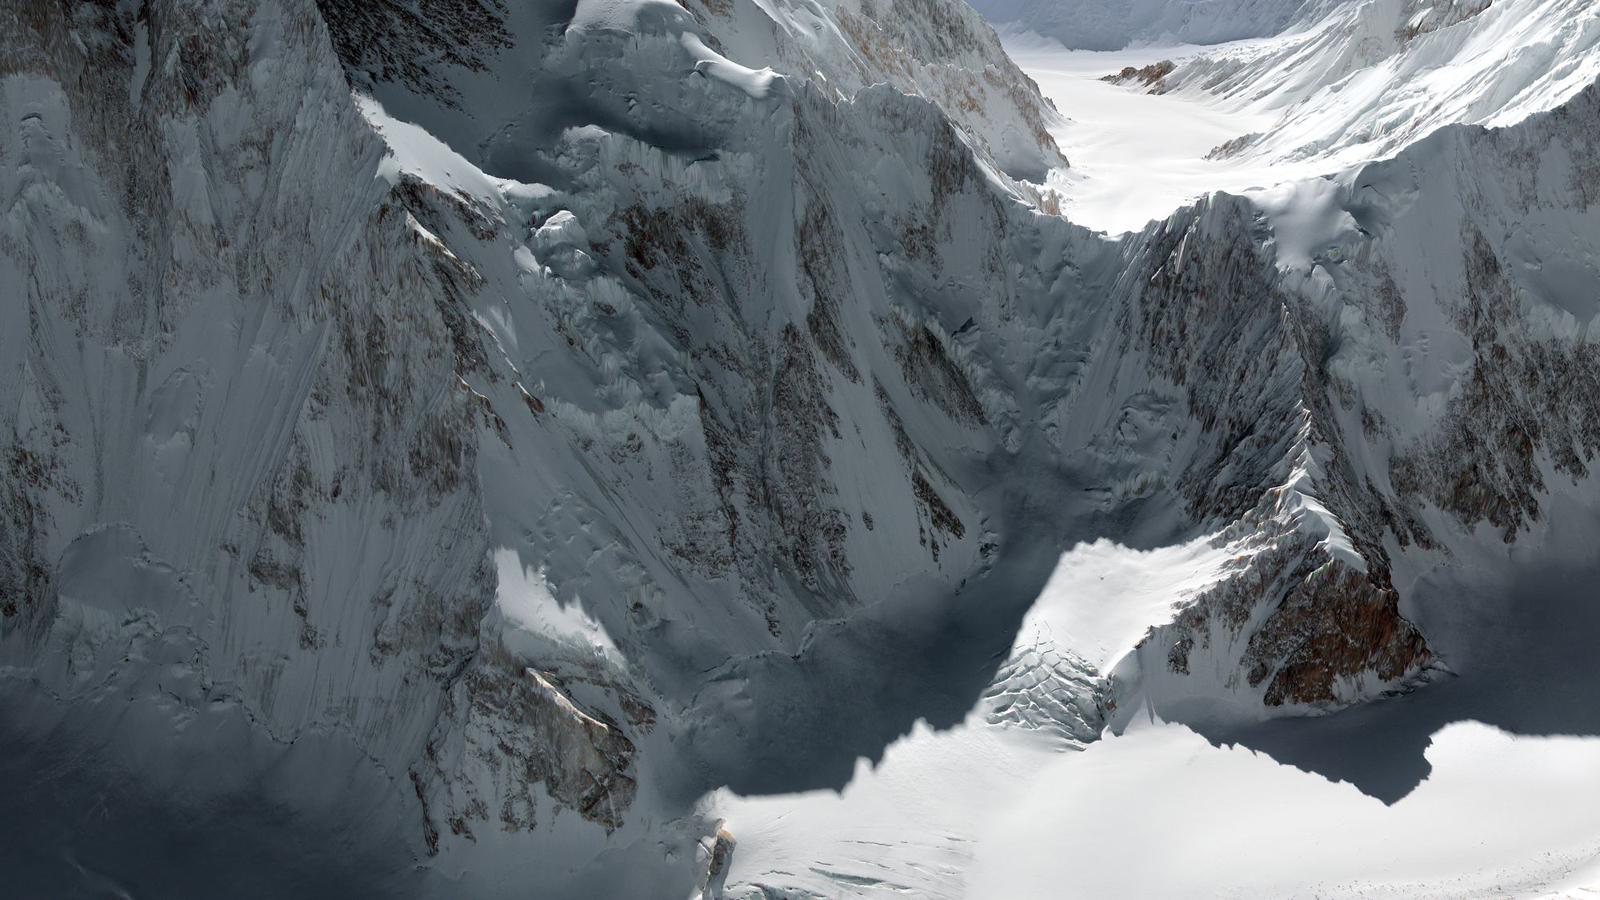 Der K2 ist der zweithöchste Berg der Erde. Bild: DLR